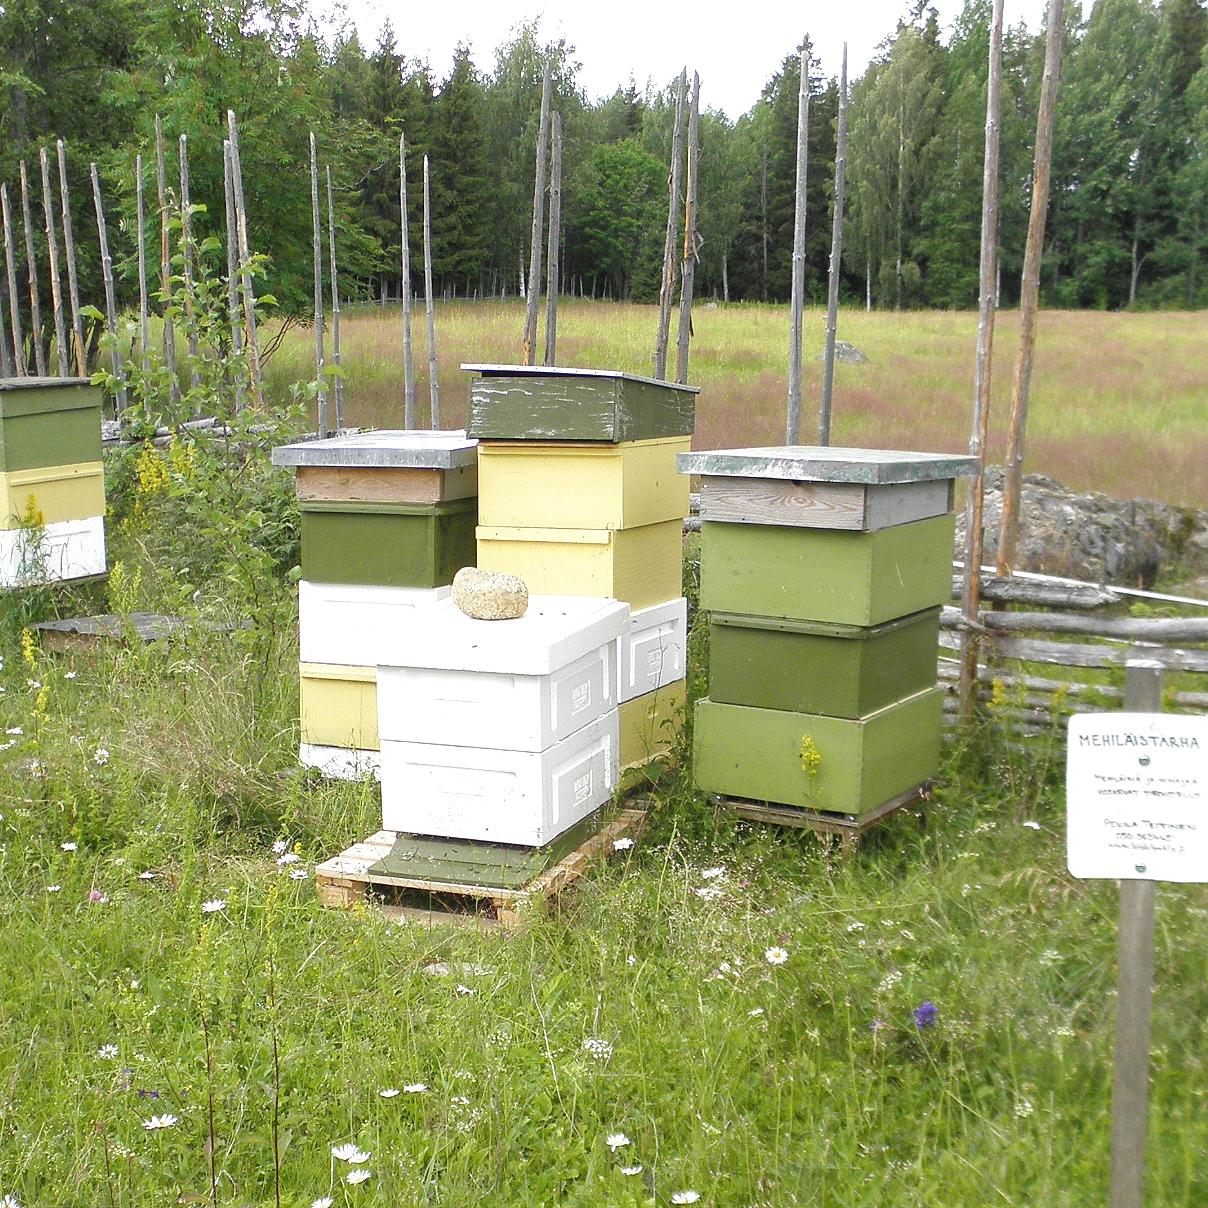 Mehiläistarhaajan pesiä ruohoa kasvavalla miespihalla pisteaidan vieressä.